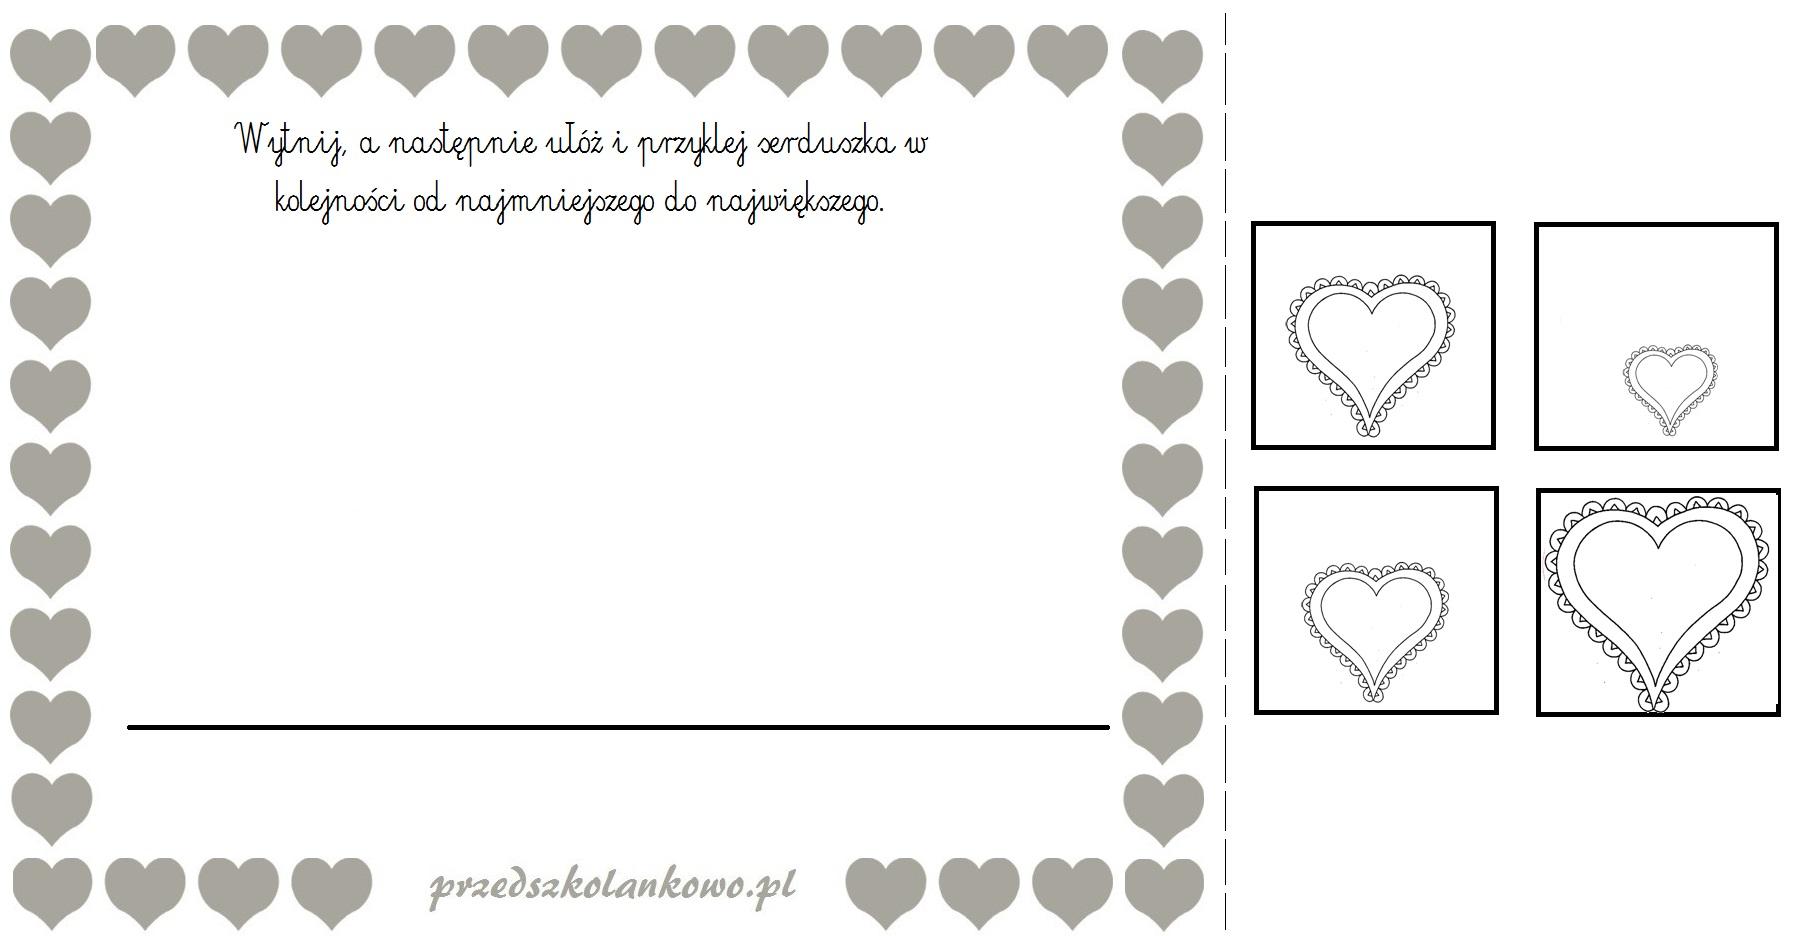 Walentynkowe Karty Pracy Przedszkolankowo